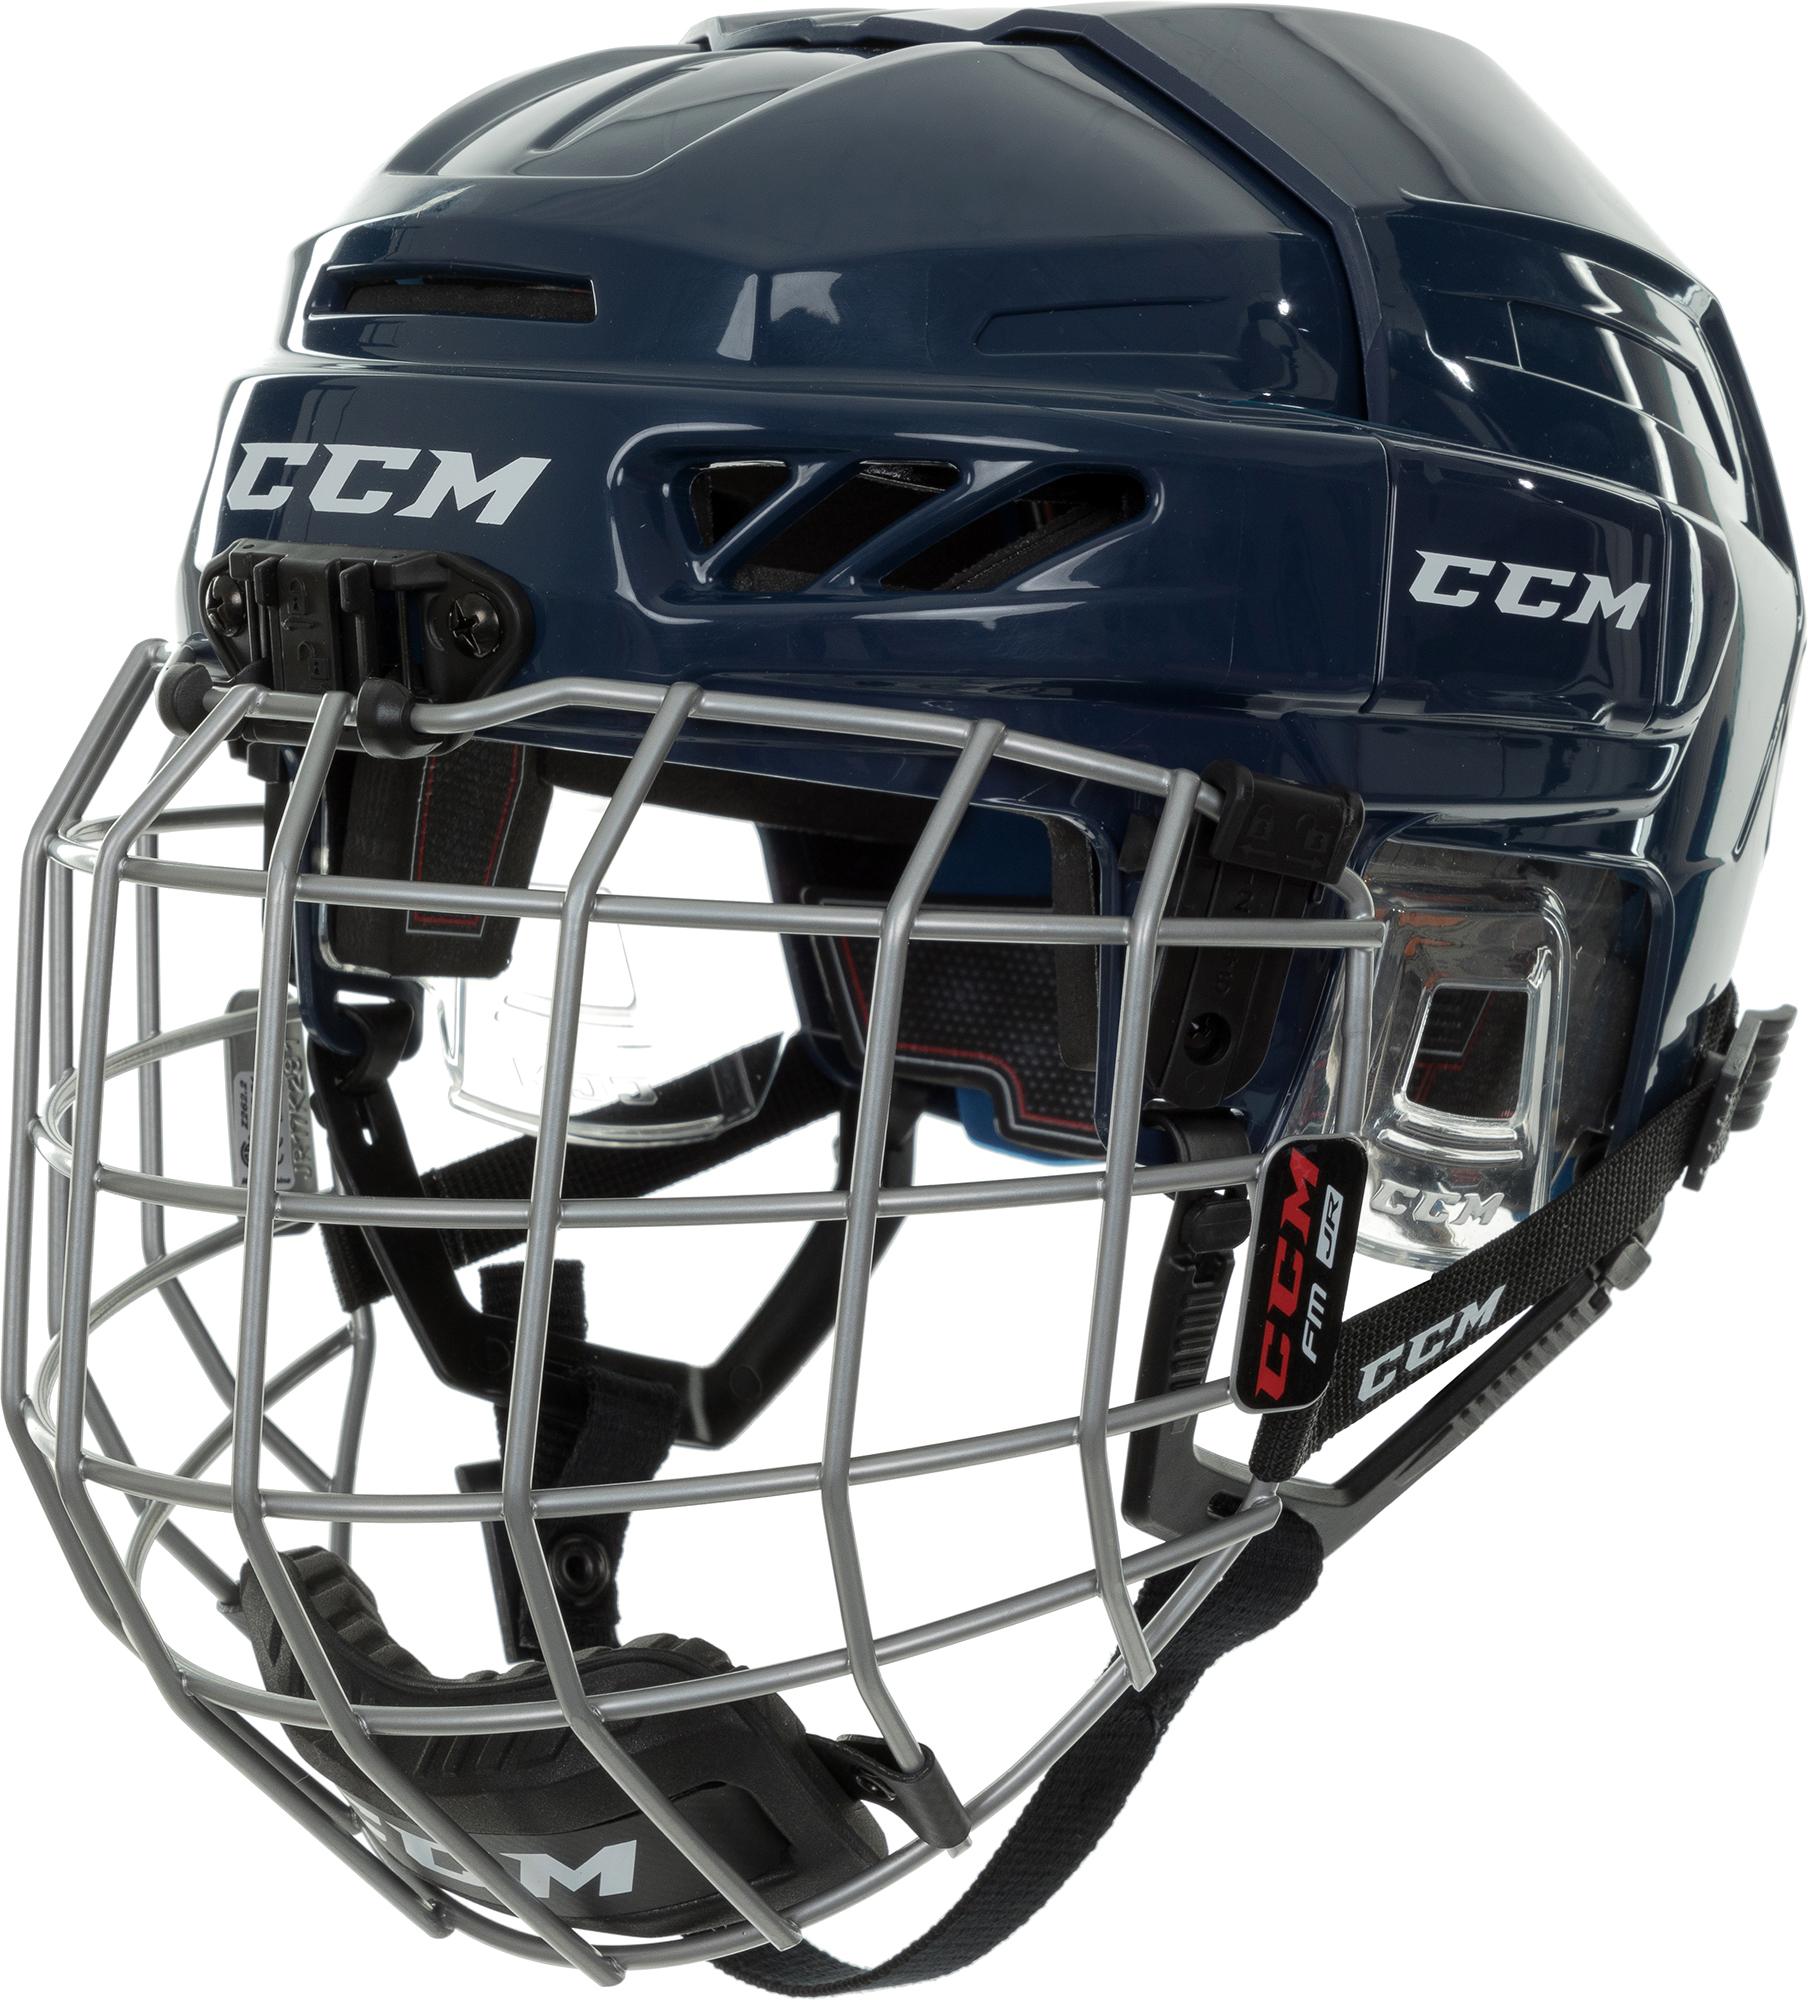 CCM Шлем хоккейный детский CCM FITLITE 3DS, размер 48-53 ccm шлем хоккейный ccm tacks 310